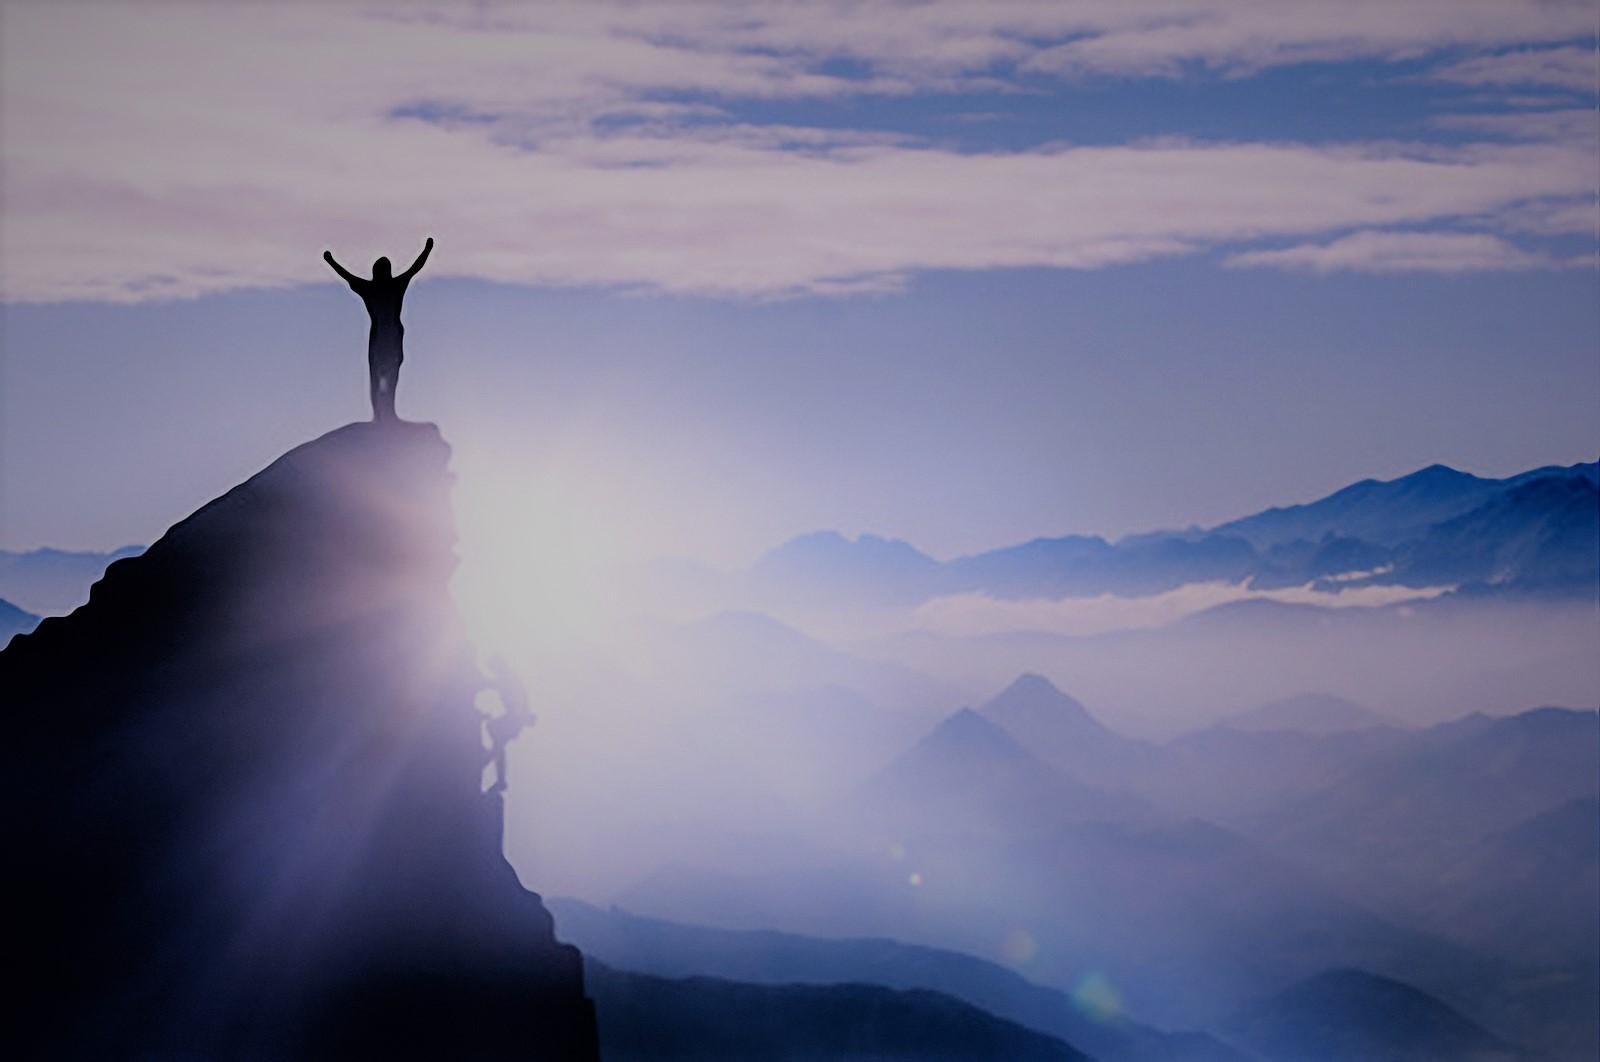 Bergsteiger auf einem Gipfel im Gebirge bei Nebel